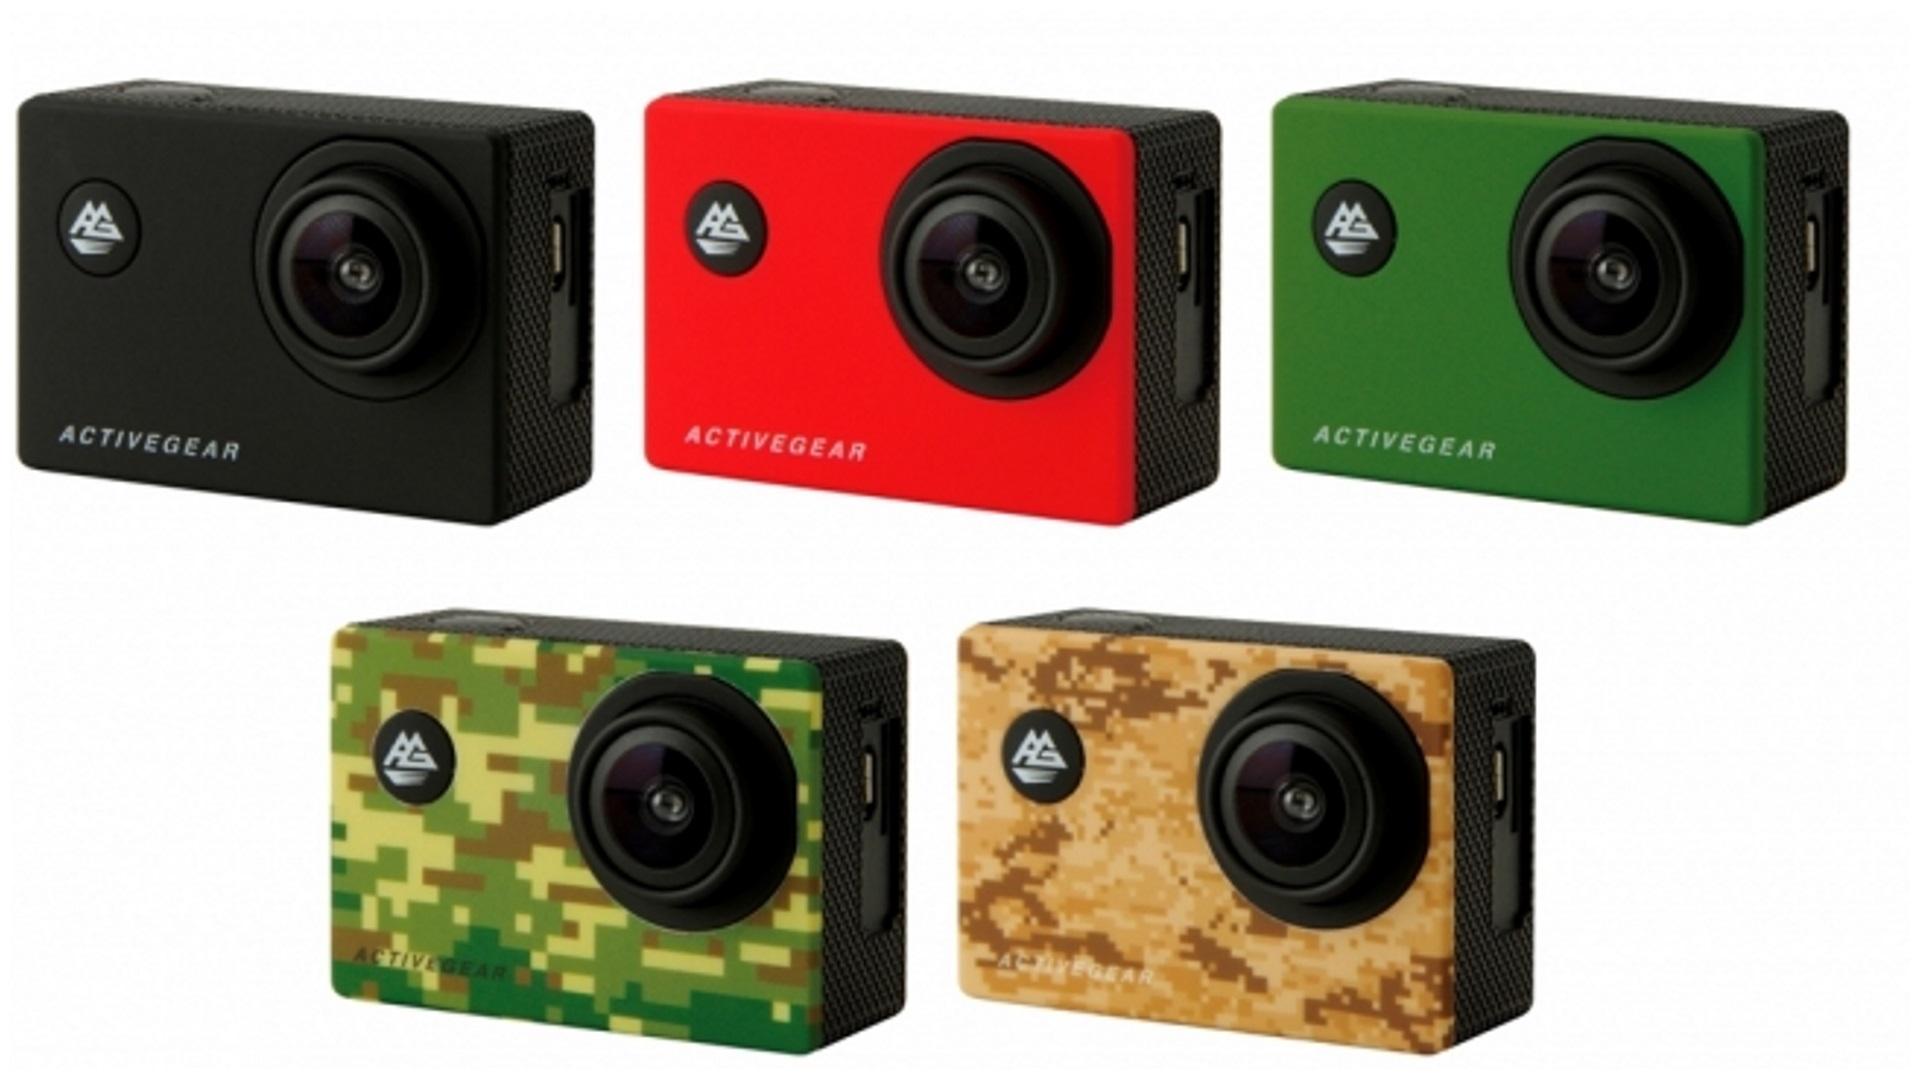 ドン・キホーテ、安価なIPX8対応アクションカム「アクティブギア フルHDカメラ」発売